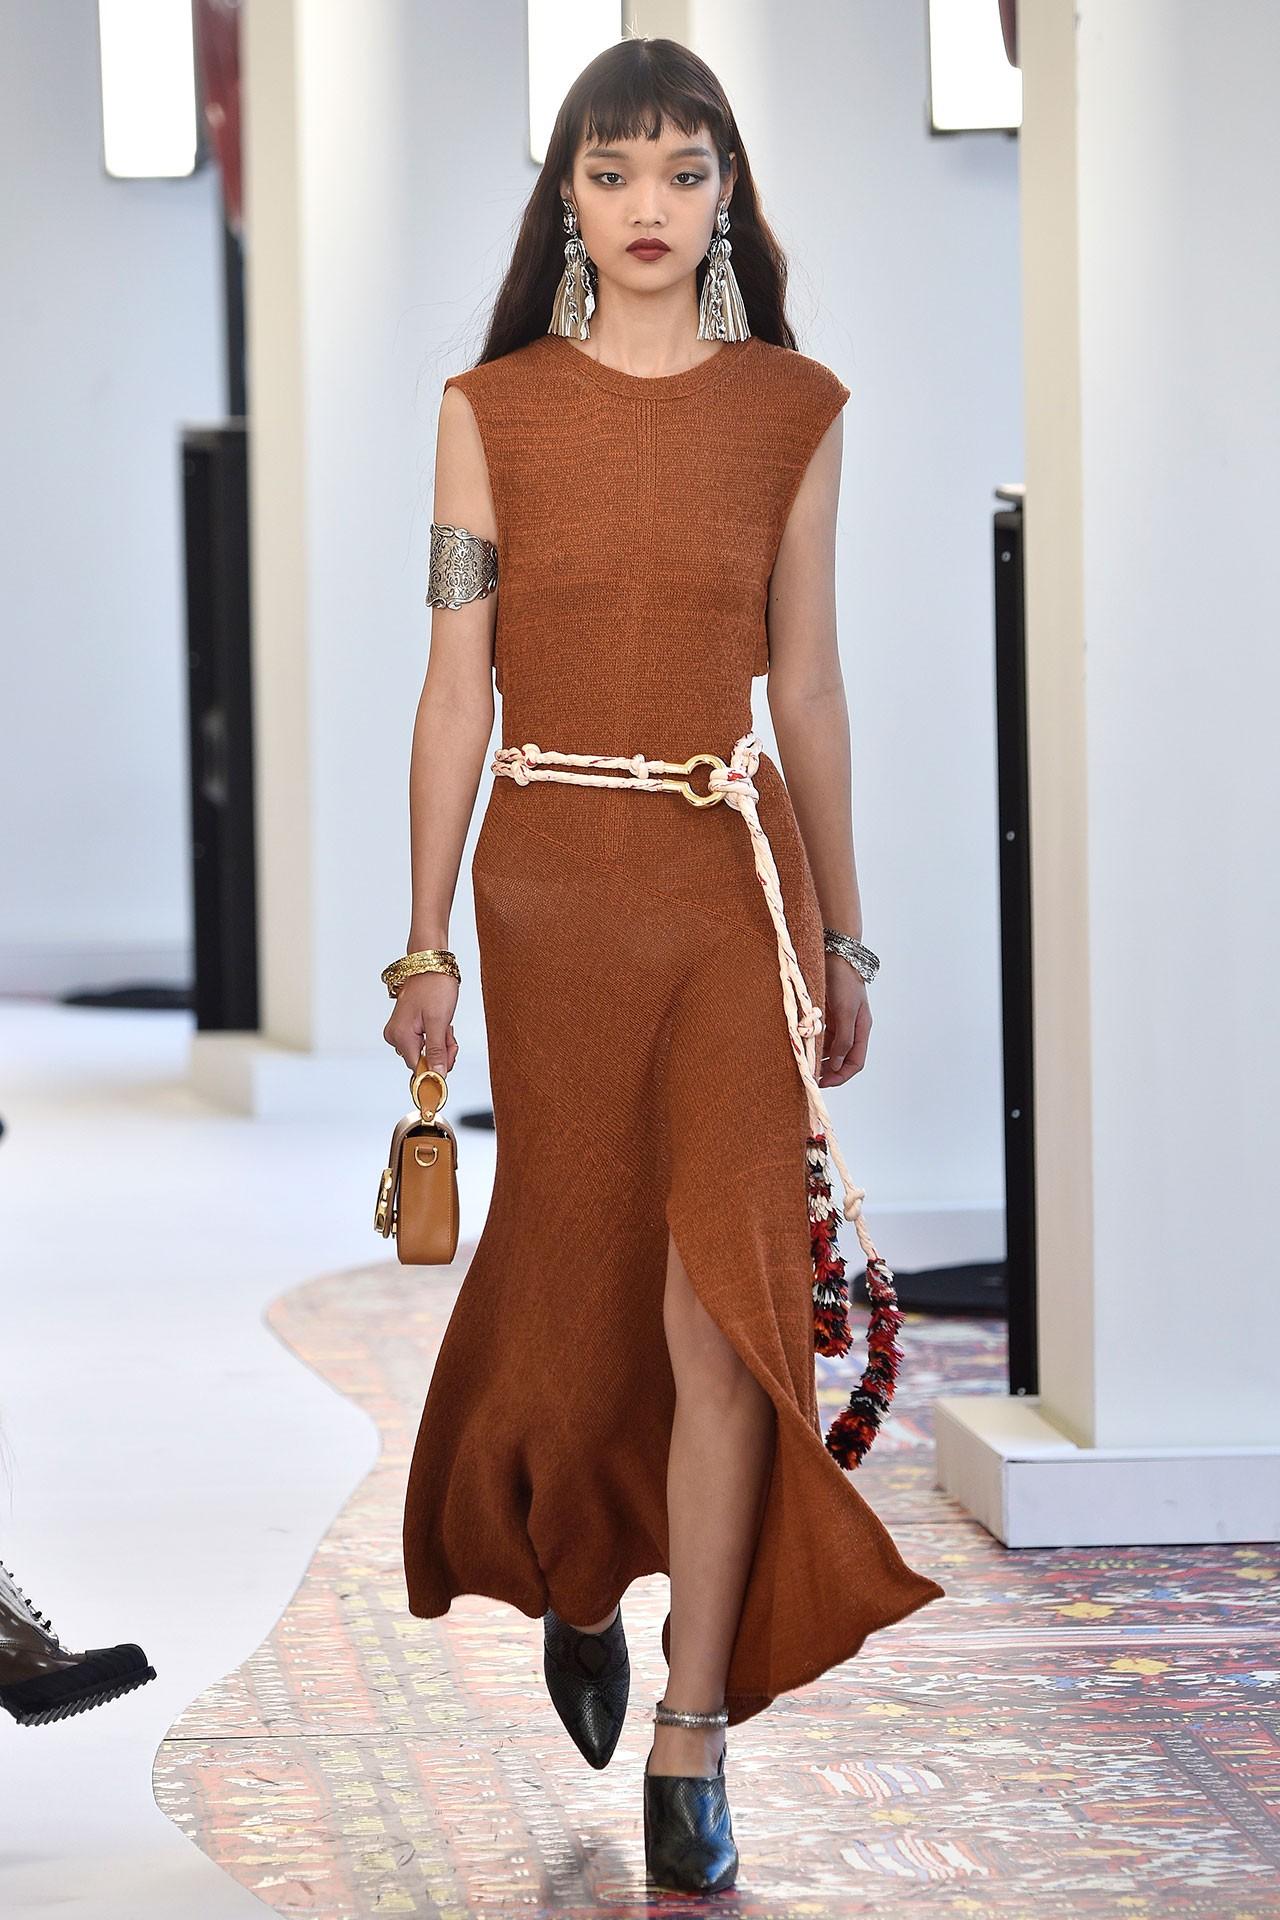 750ea0a2f68e As 9 tendências de moda que vão reinar em 2019 - Vogue | tendências